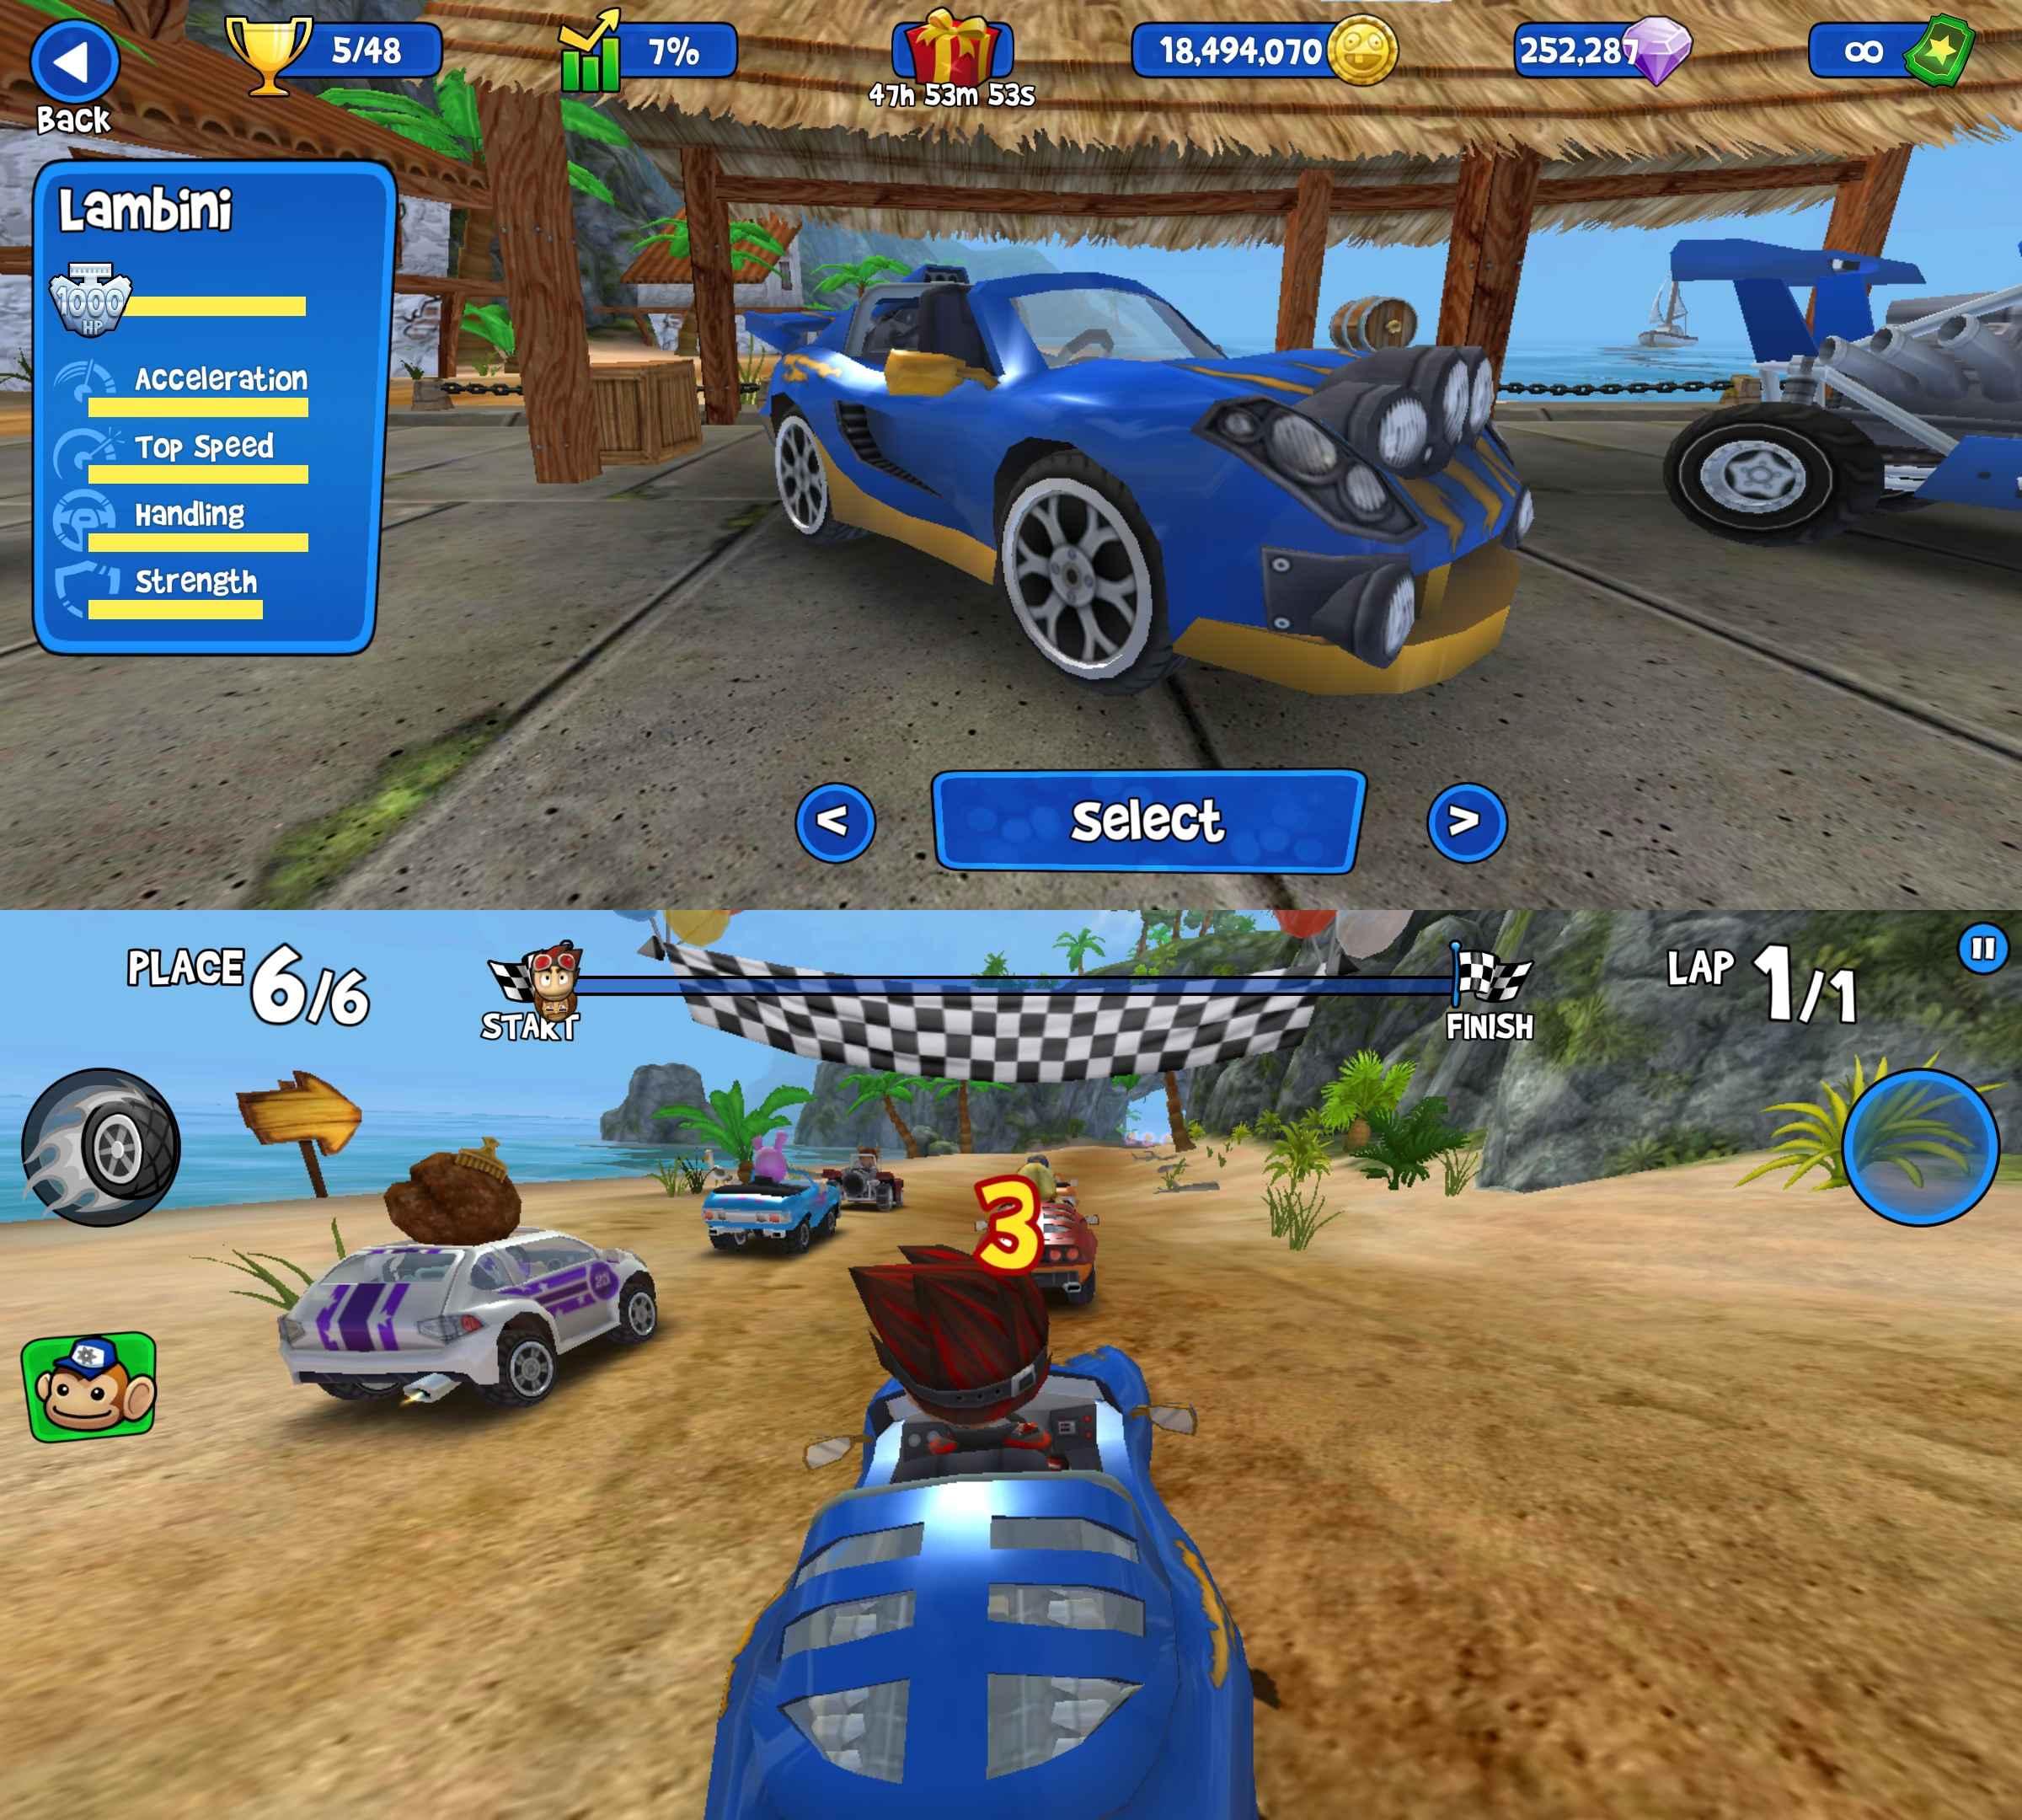 安卓游戏沙滩竞速破解版截图1